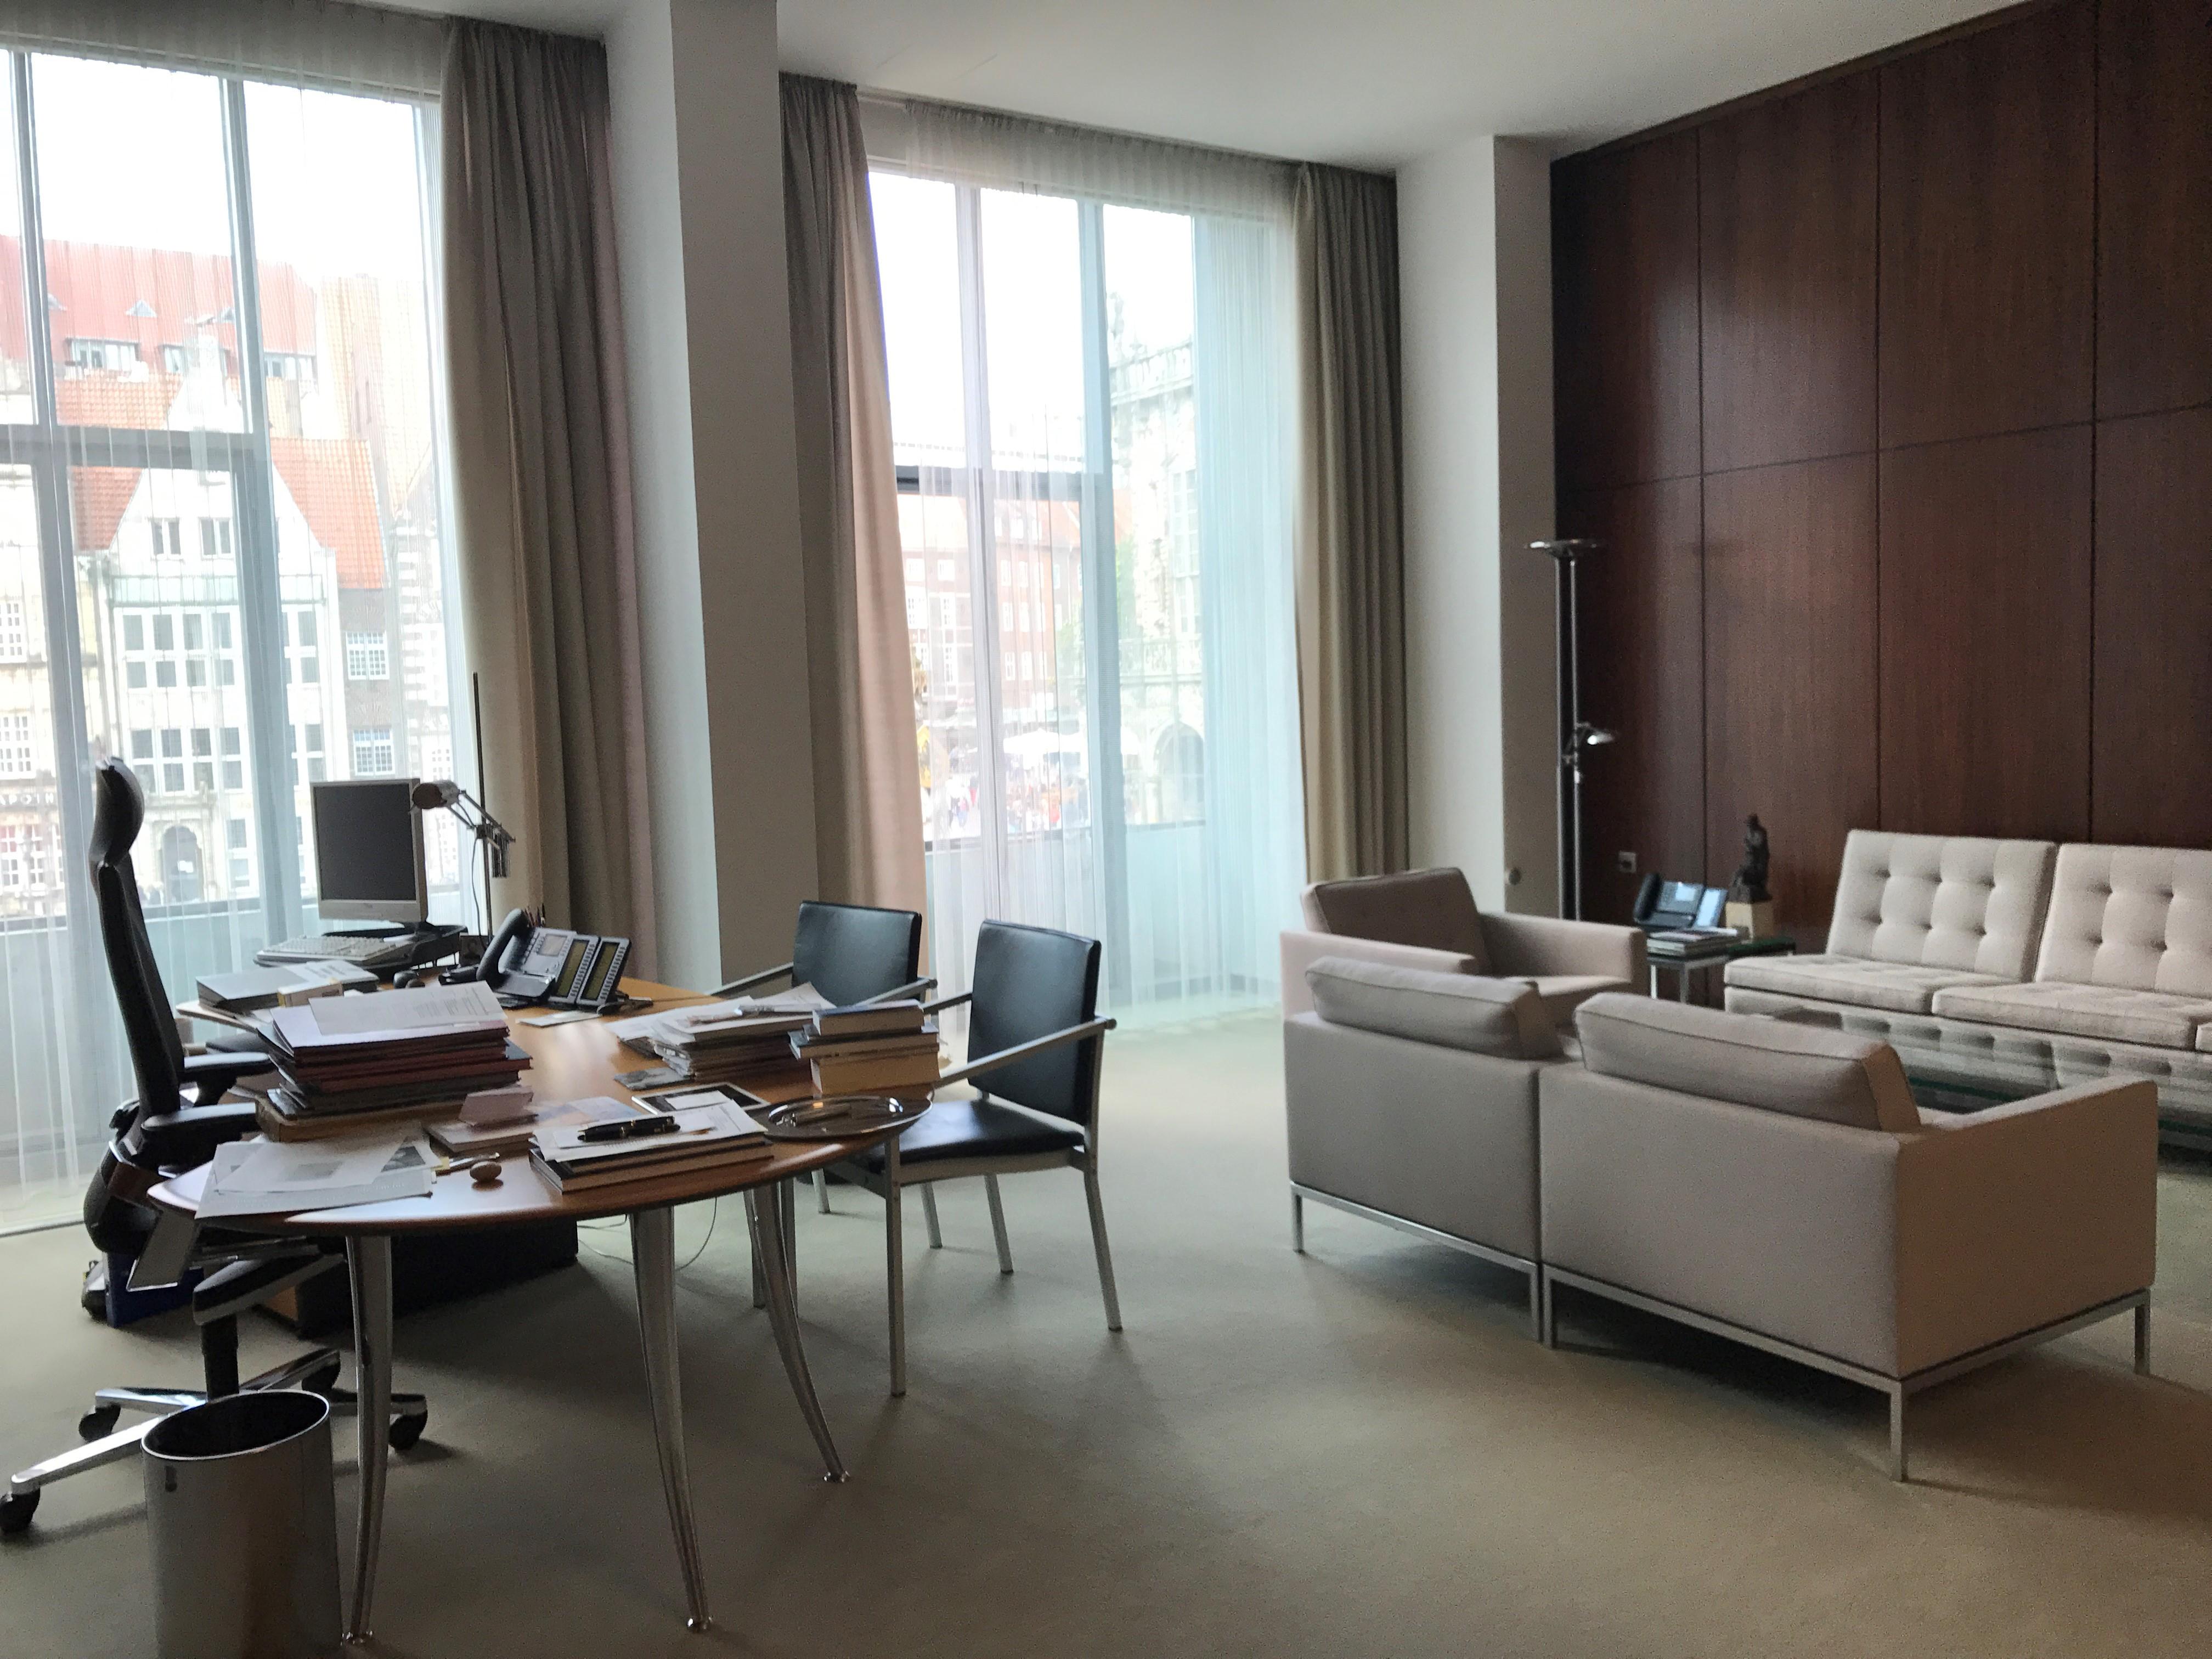 Blick in das Büro des Präsidenten der Bremischen Bürgerschaft